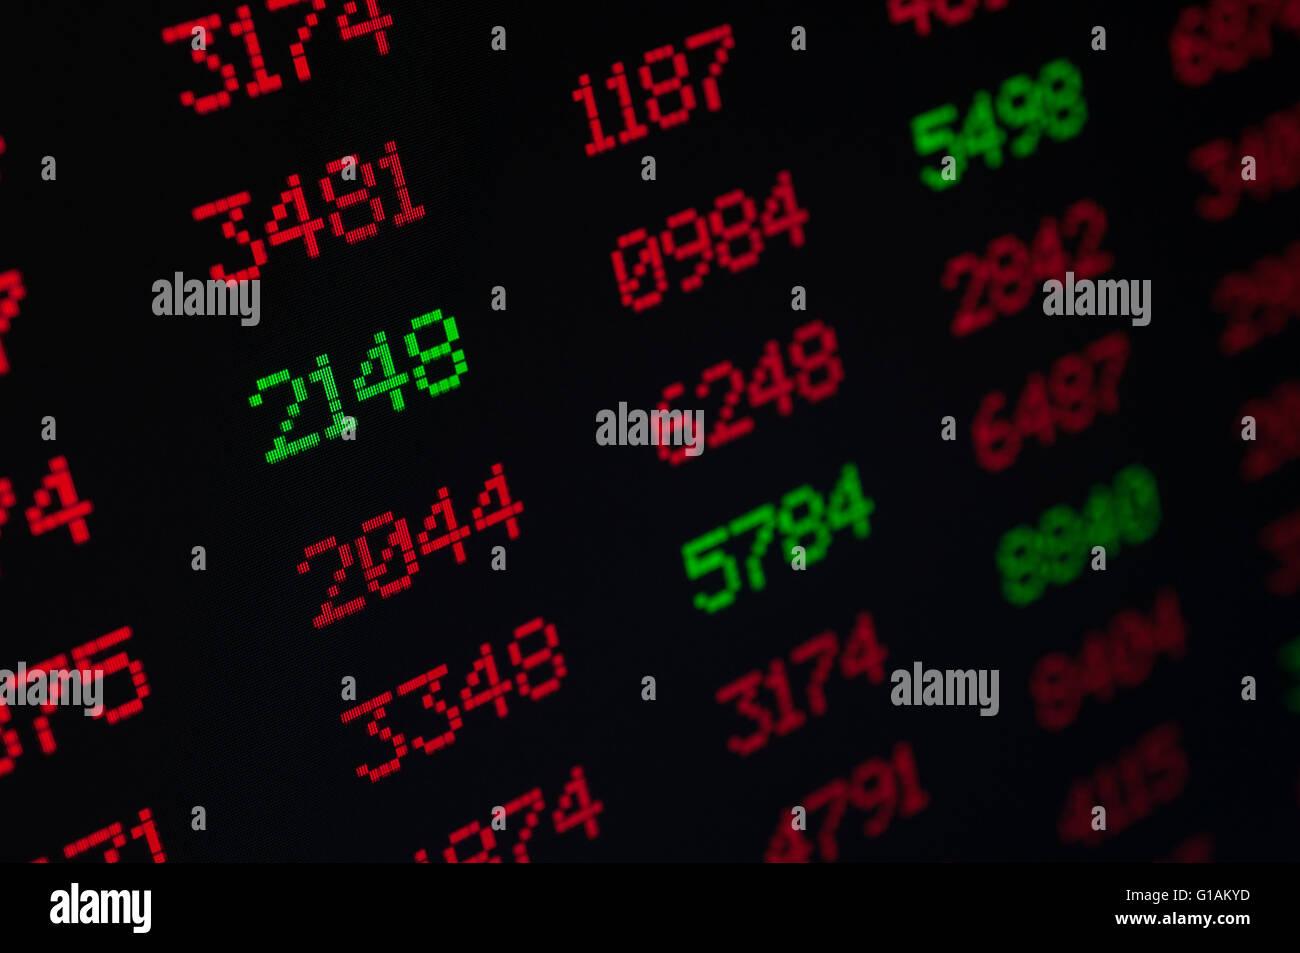 Mercado de Valores - Pantalla digital con cifras en rojo y verde - Profundidad de campo Imagen De Stock